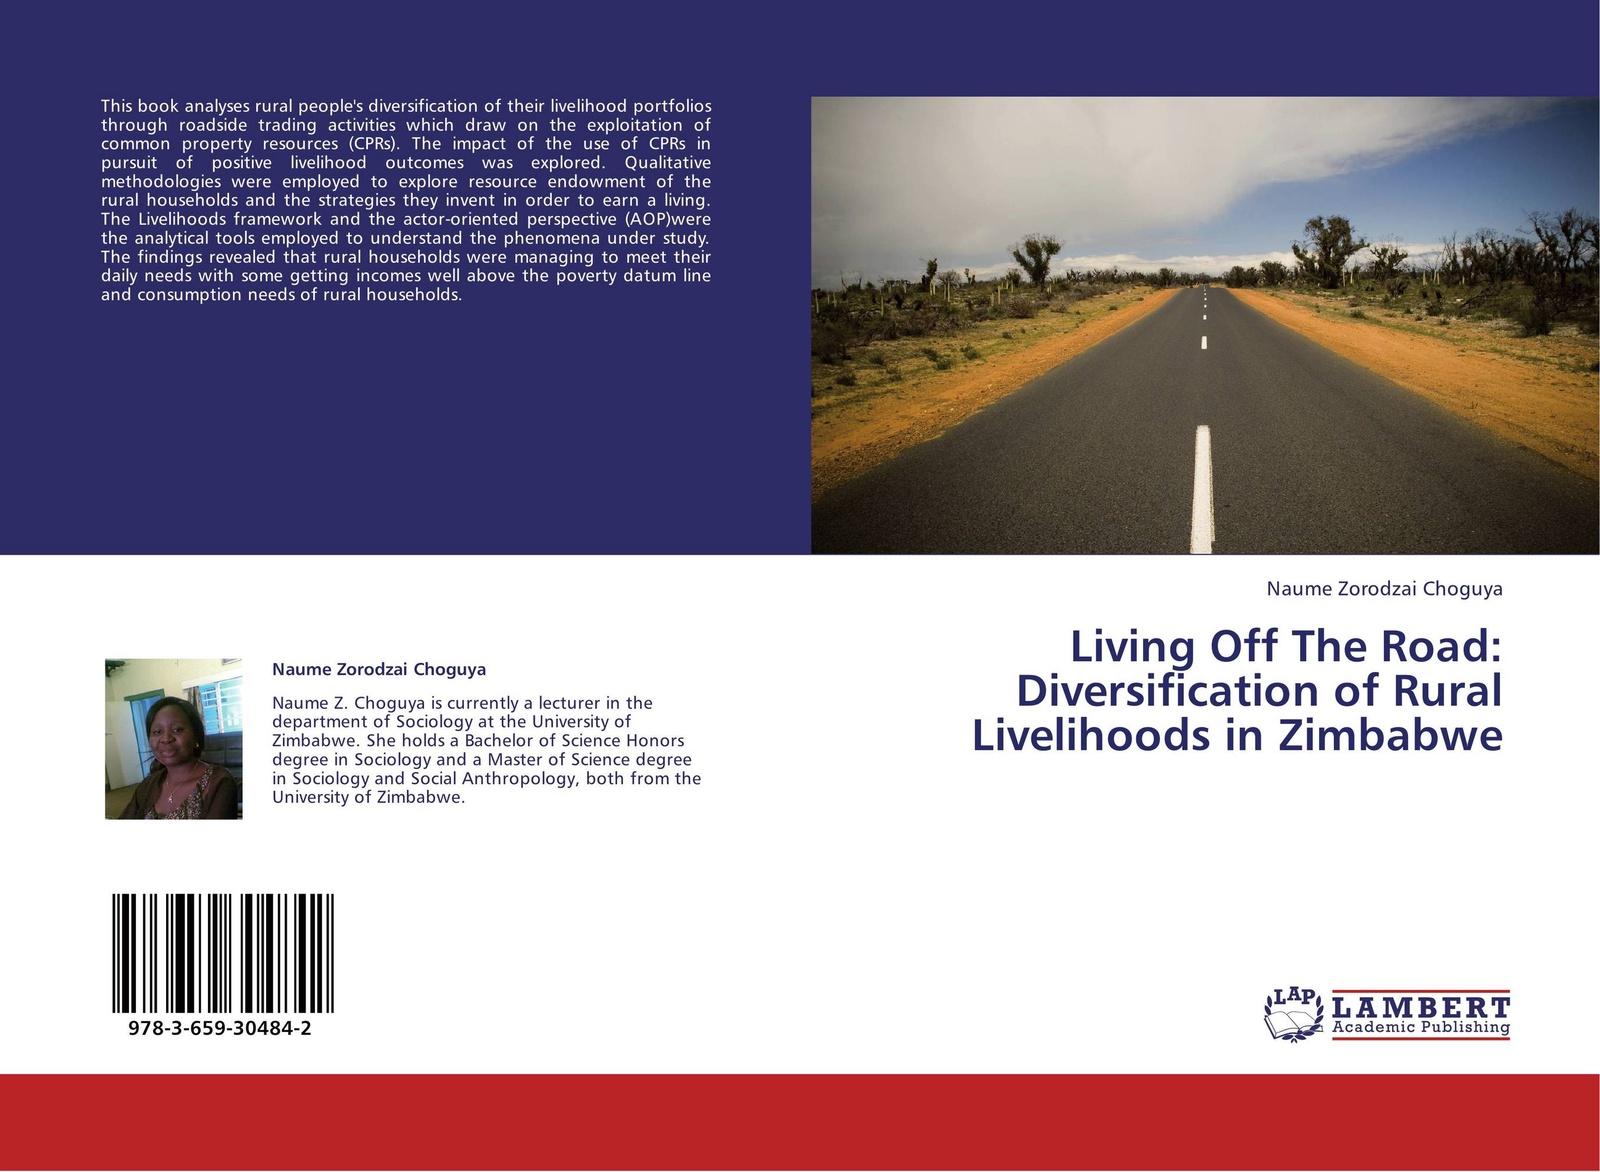 Naume Zorodzai Choguya Living Off The Road: Diversification of Rural Livelihoods in Zimbabwe цена в Москве и Питере